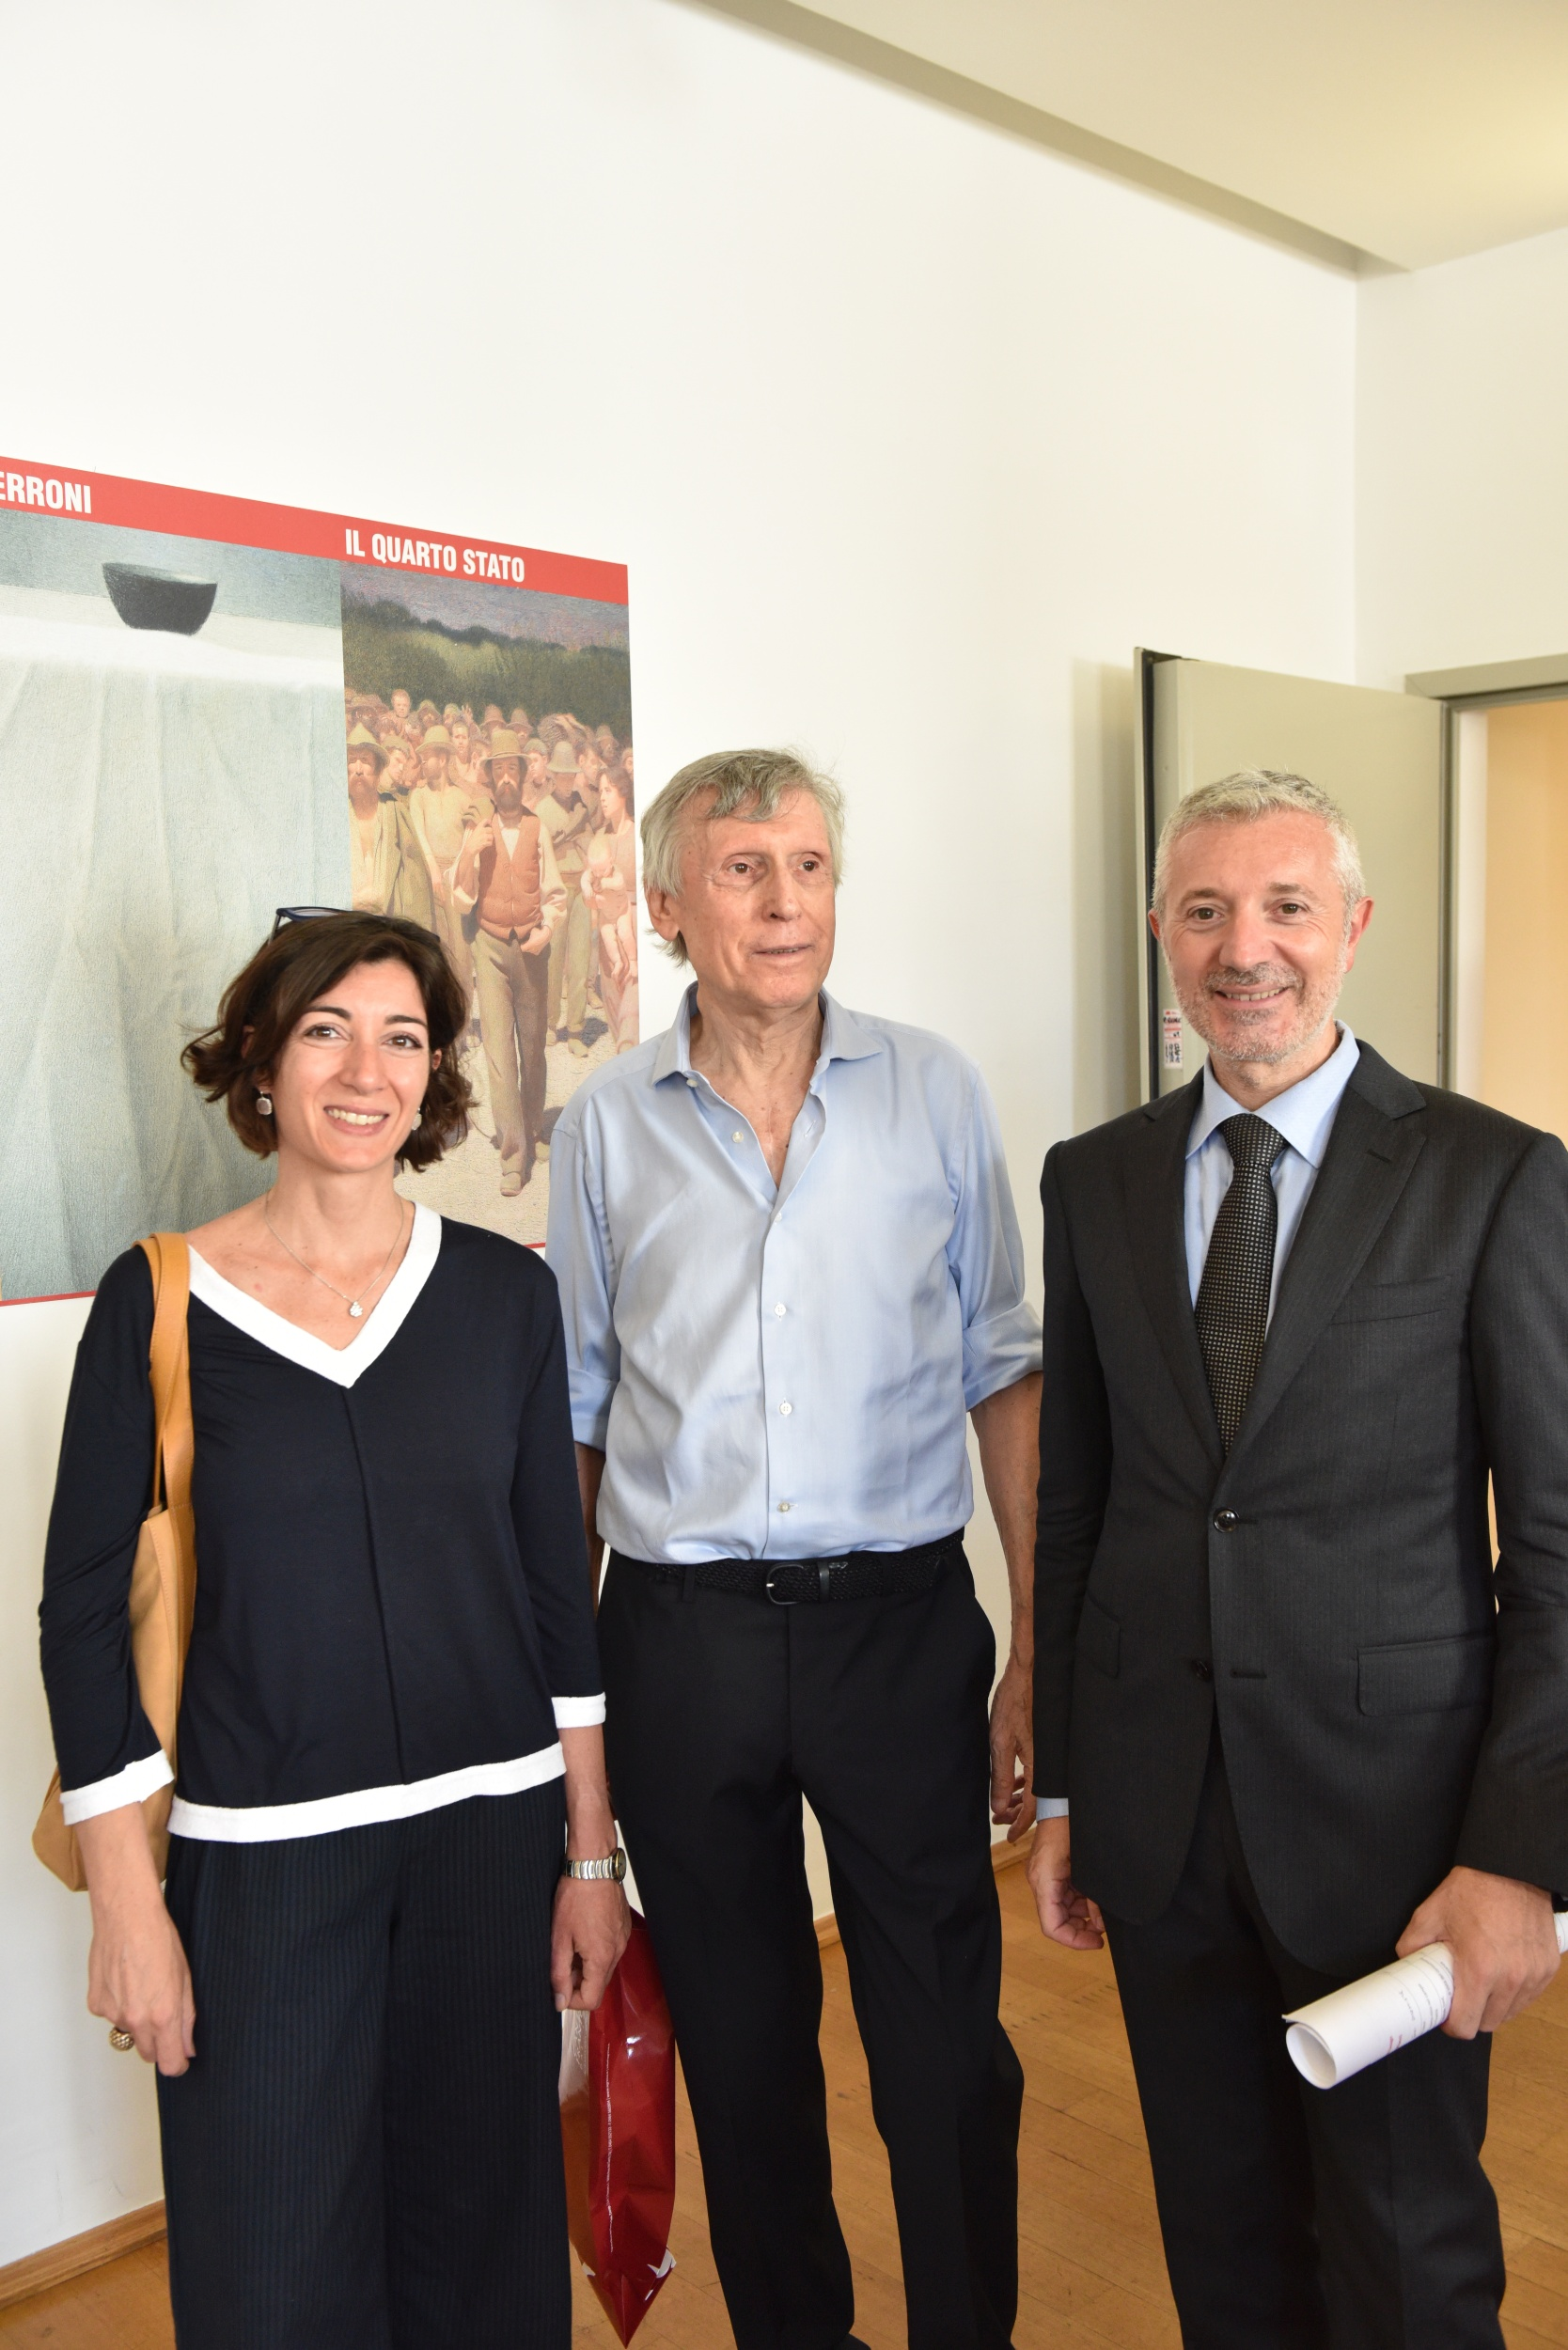 Incontro con l'Assessore Cristina Tajani.